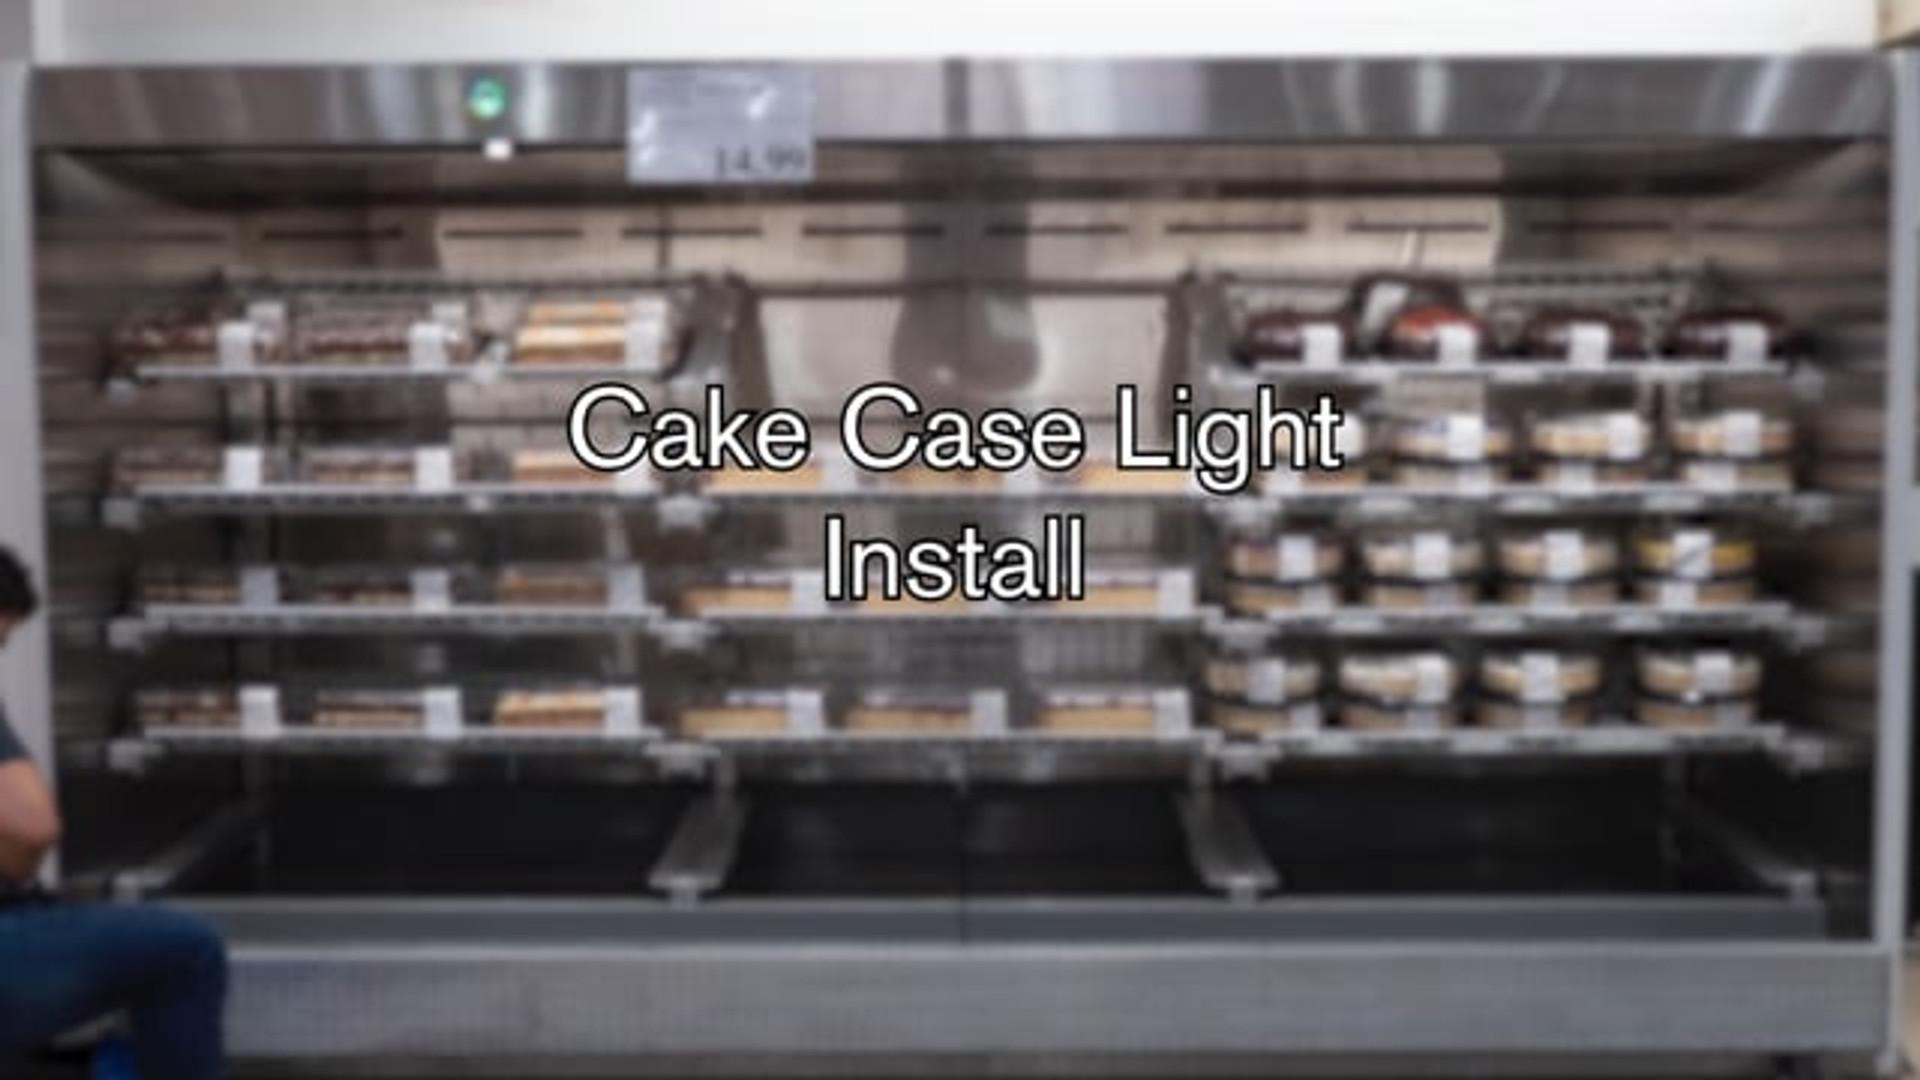 Cake Case Light Install